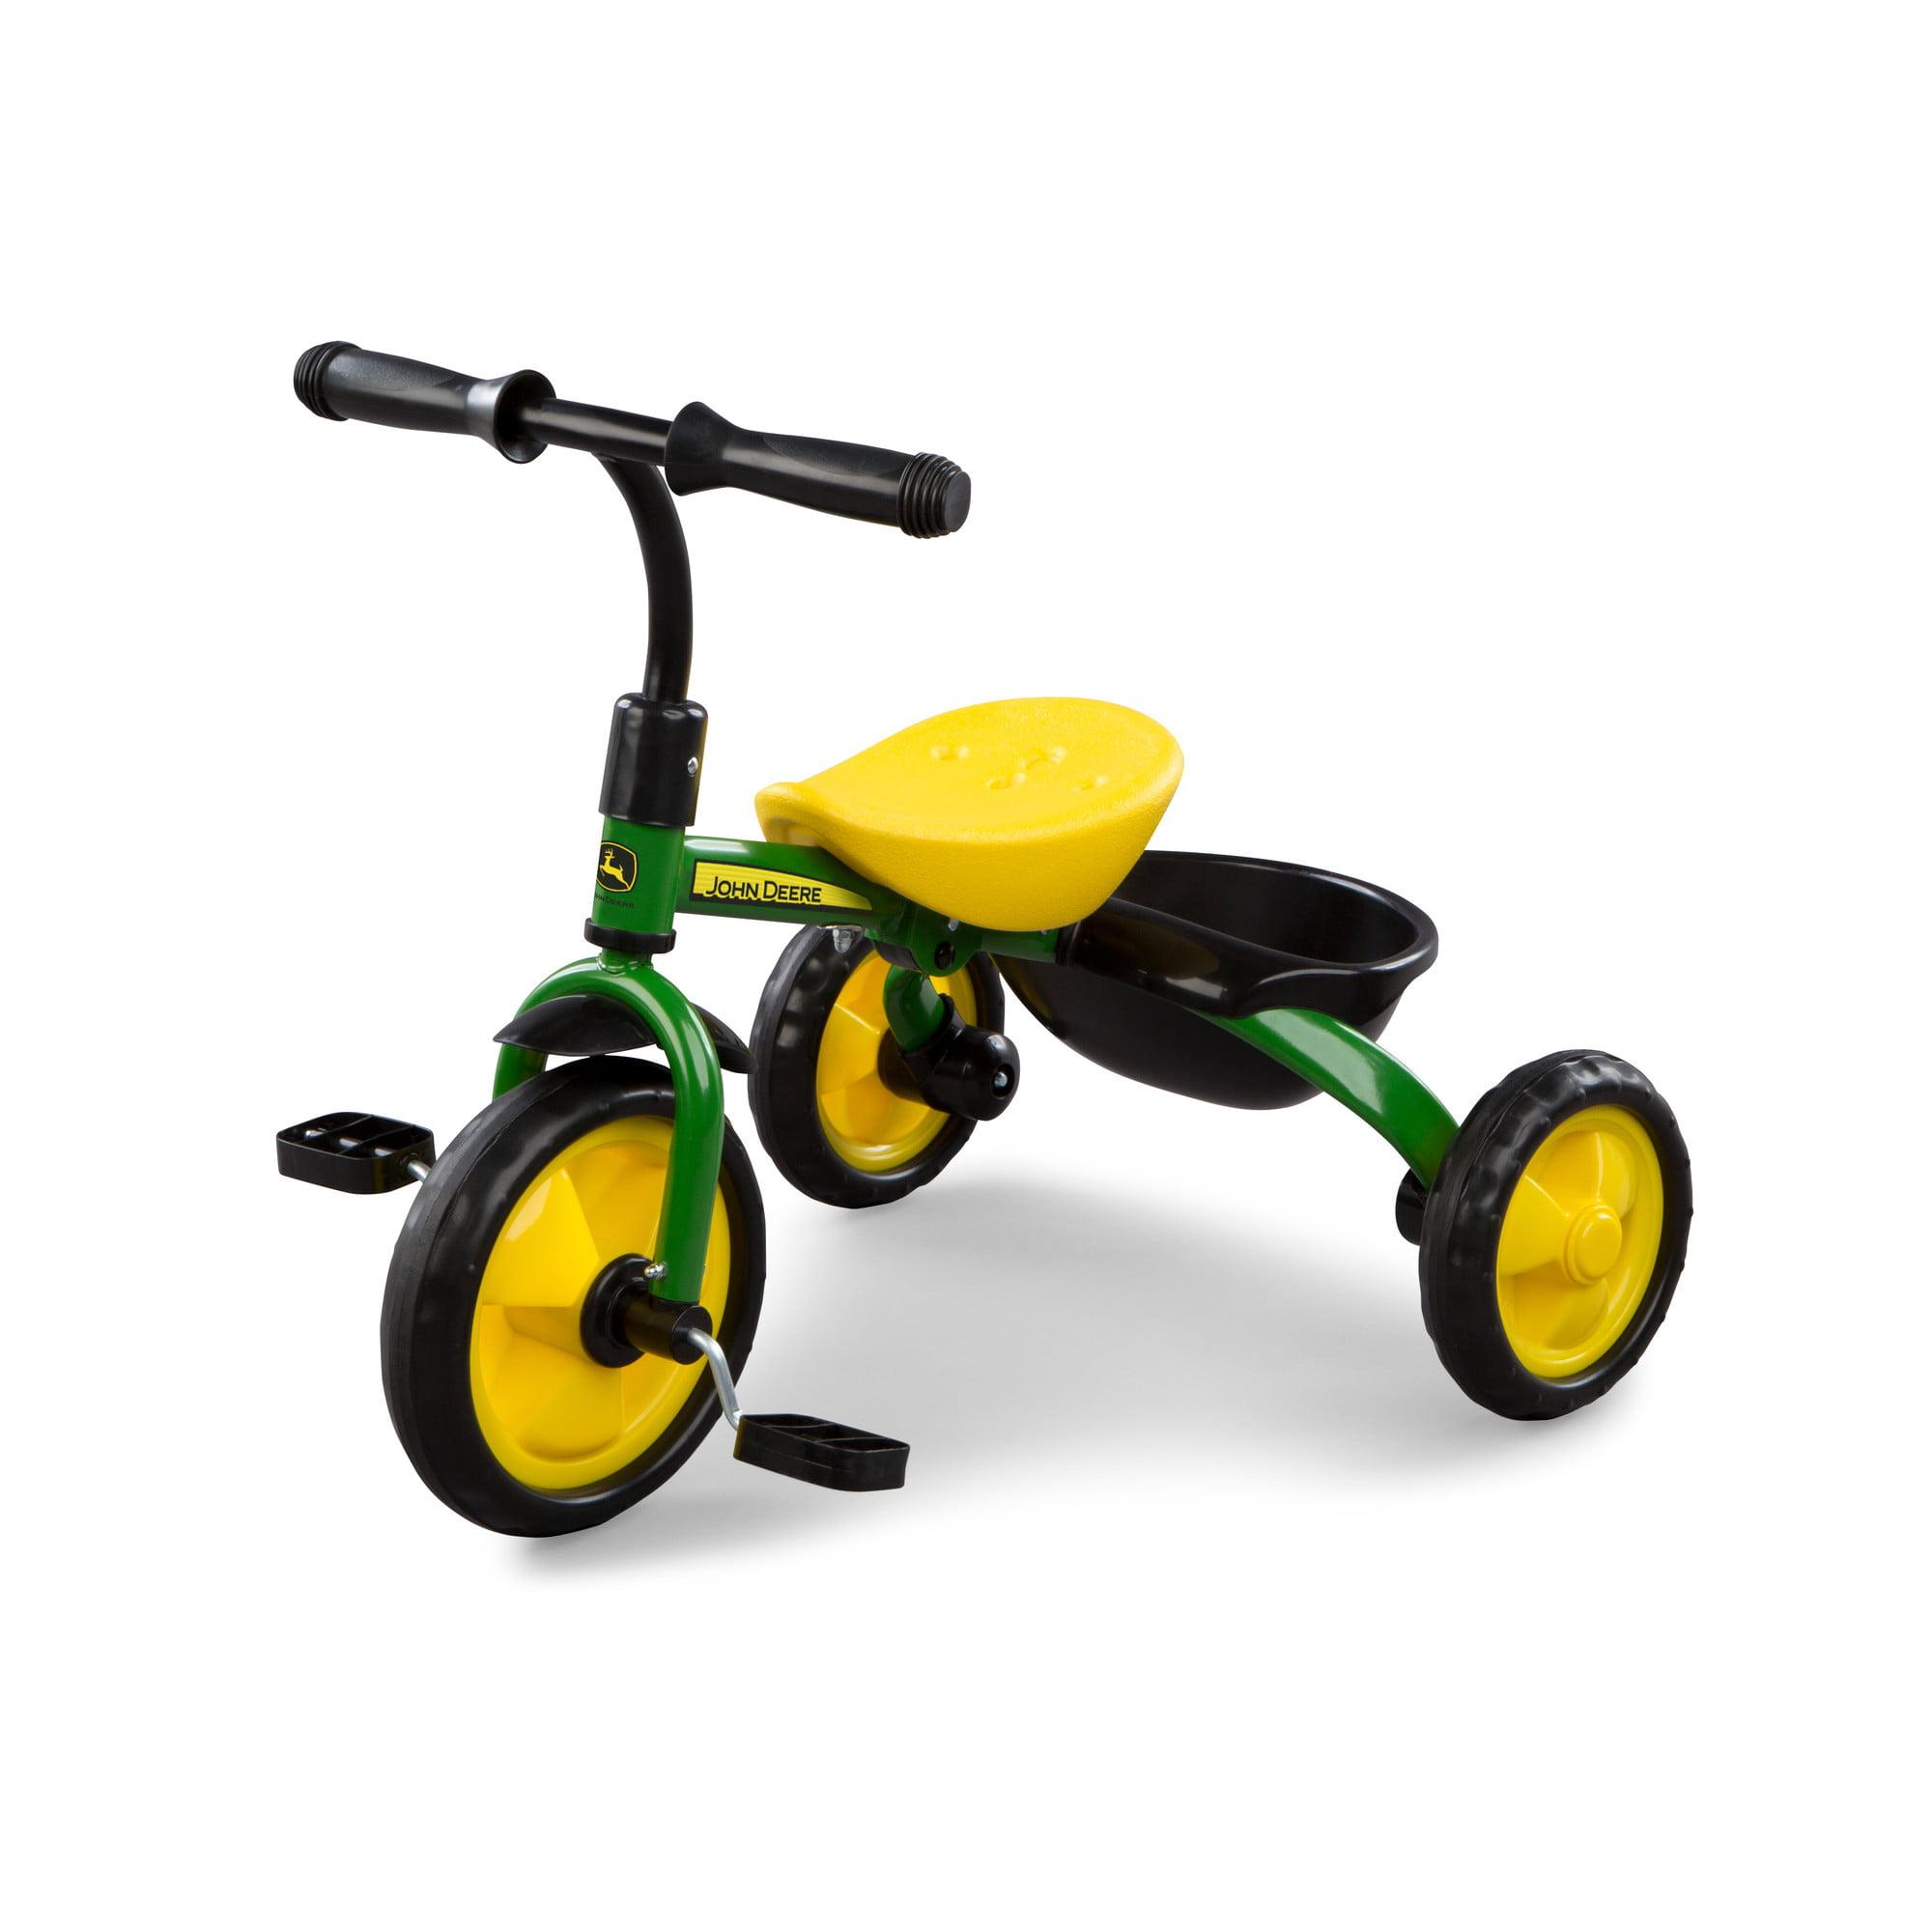 John Deere Steel Trike, 3-Wheel Kids Tricycle With Hauling ...  |John Deere Trike Sturgis